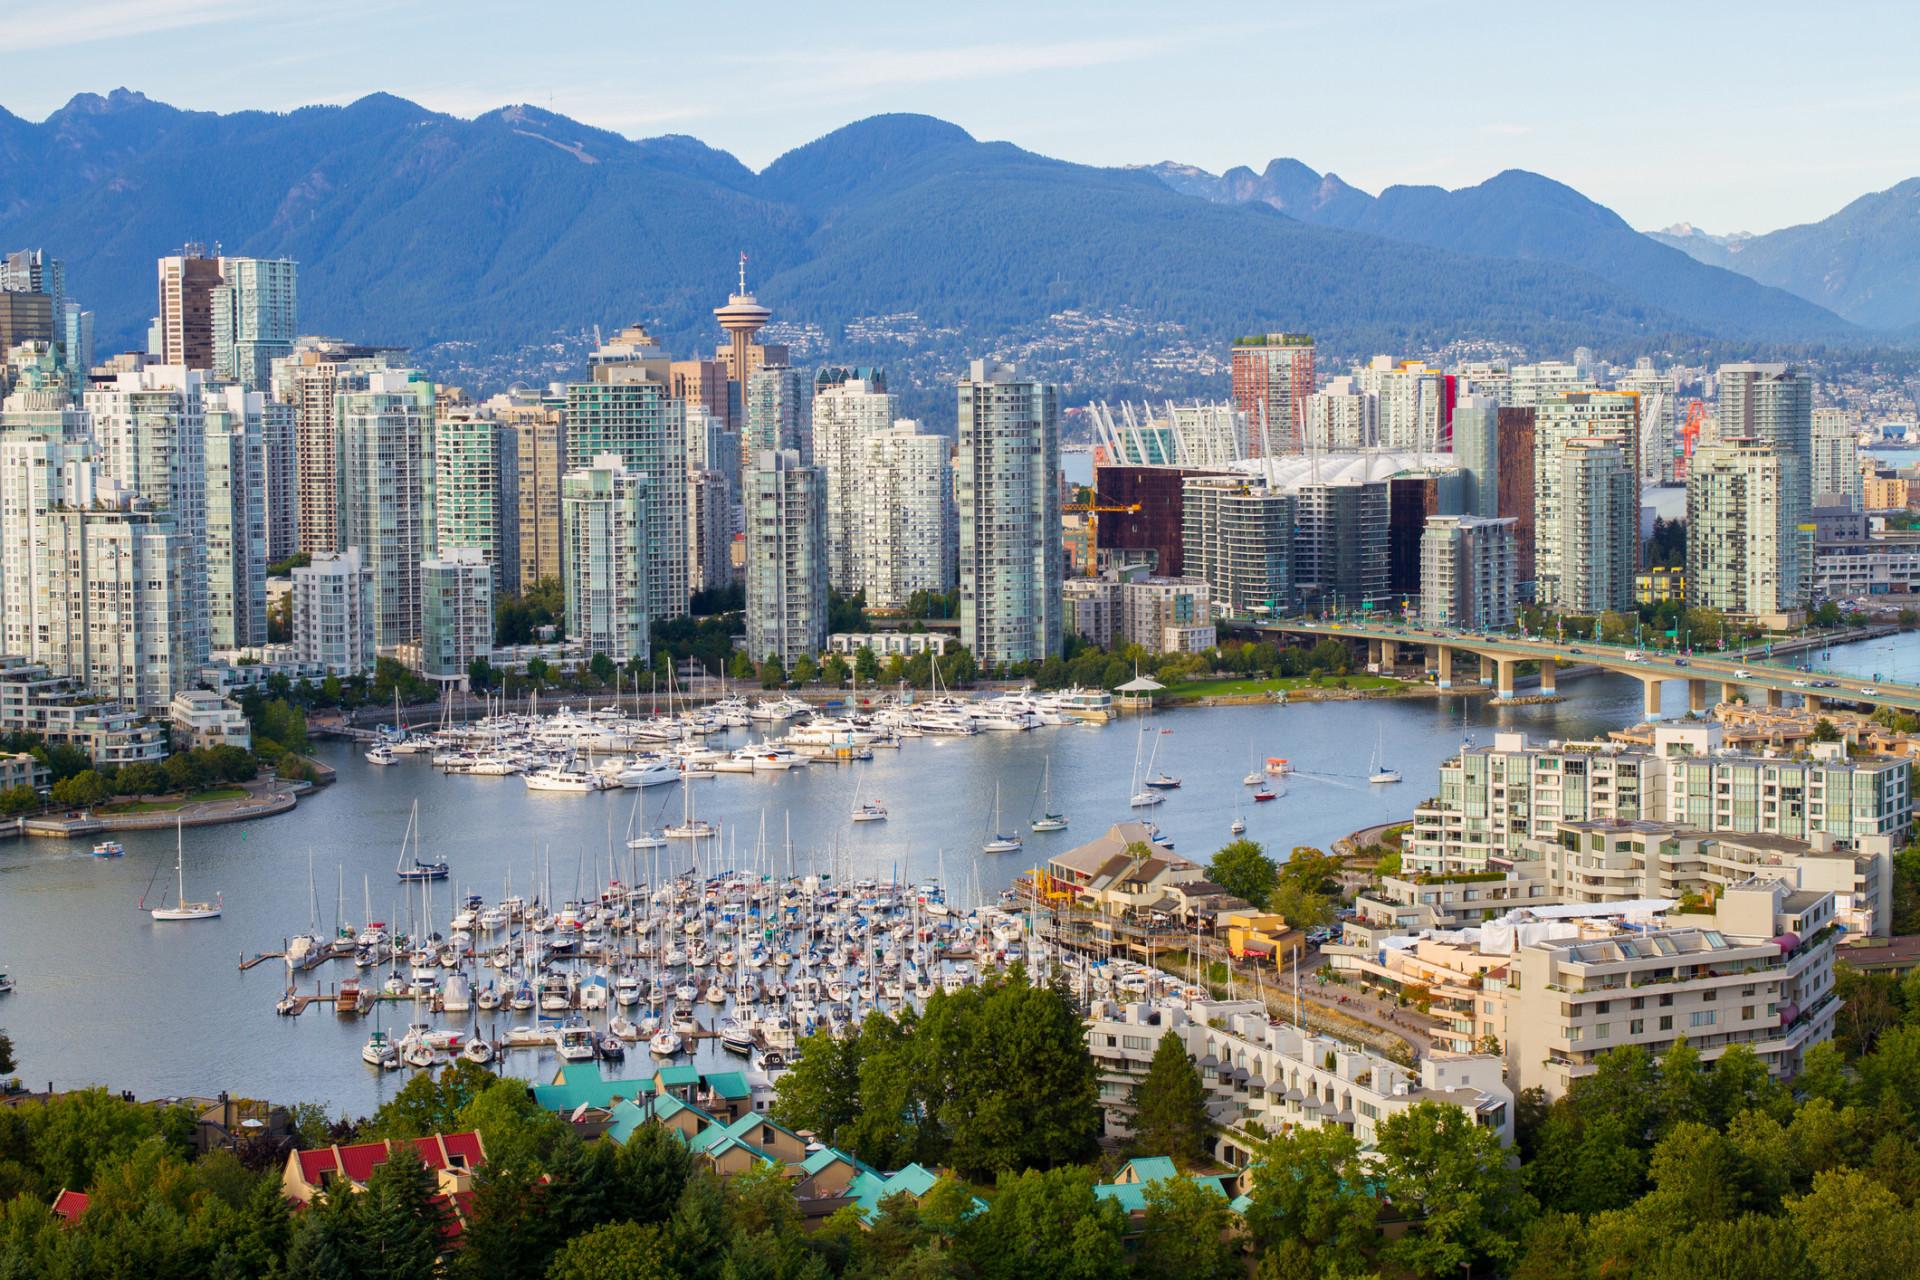 Descubra as melhores cidades do mundo para se viver